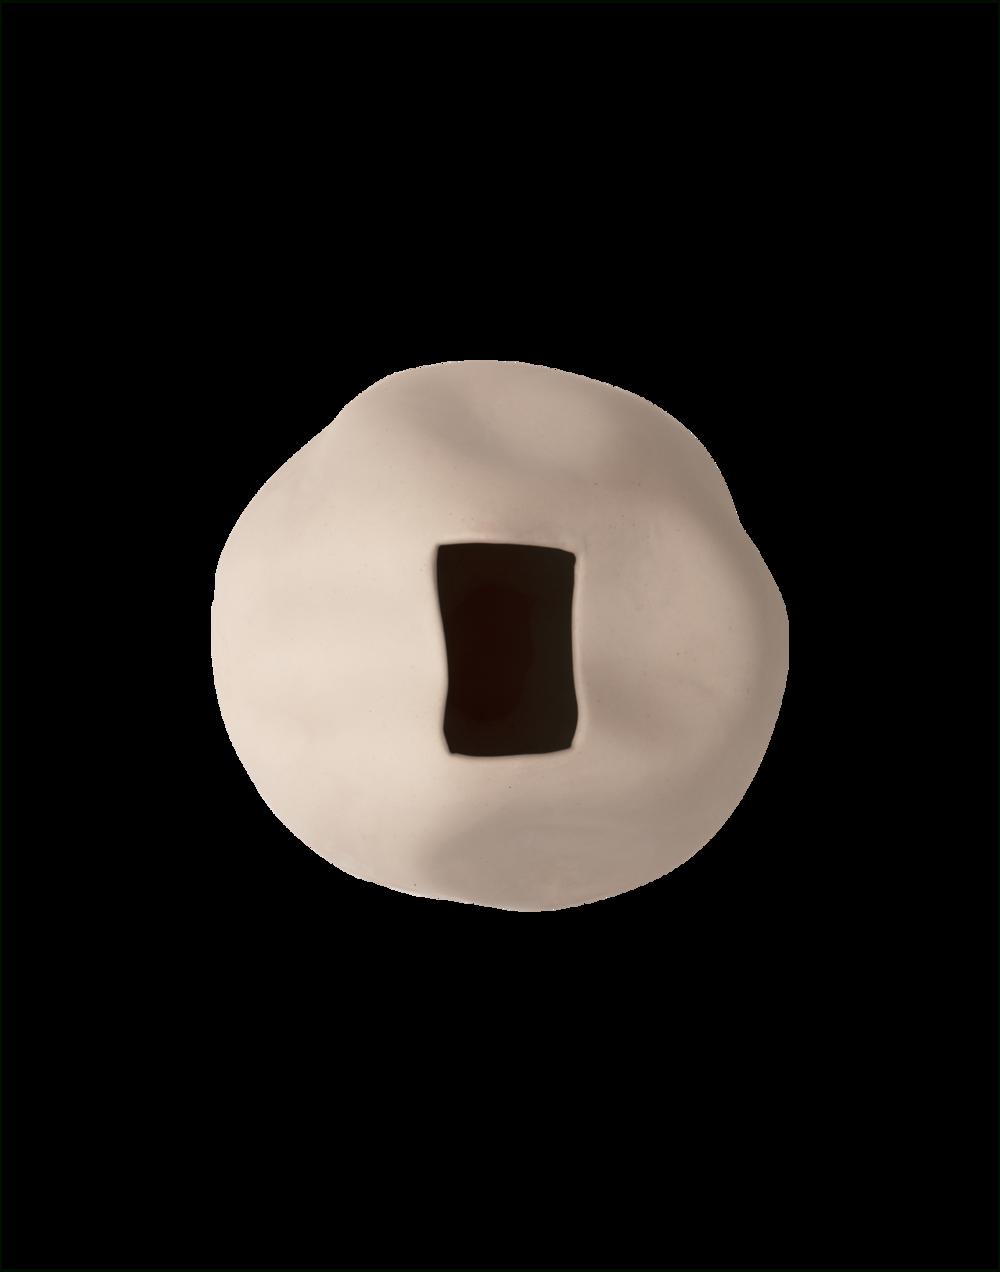 Completedworks-Ceramics-Object-12-4-1.png